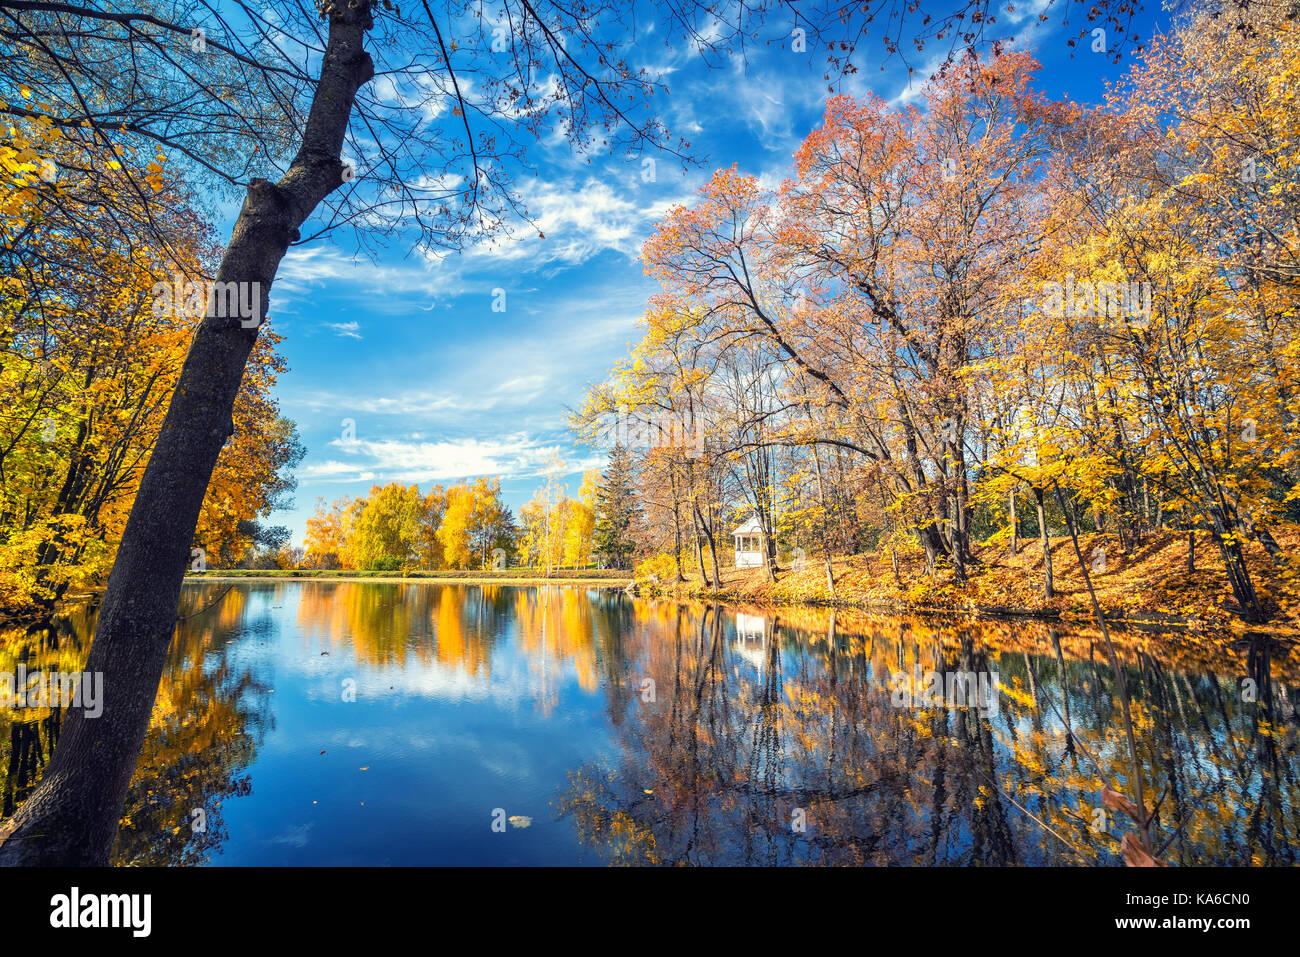 Otoño soleado en el parque sobre el lago Imagen De Stock